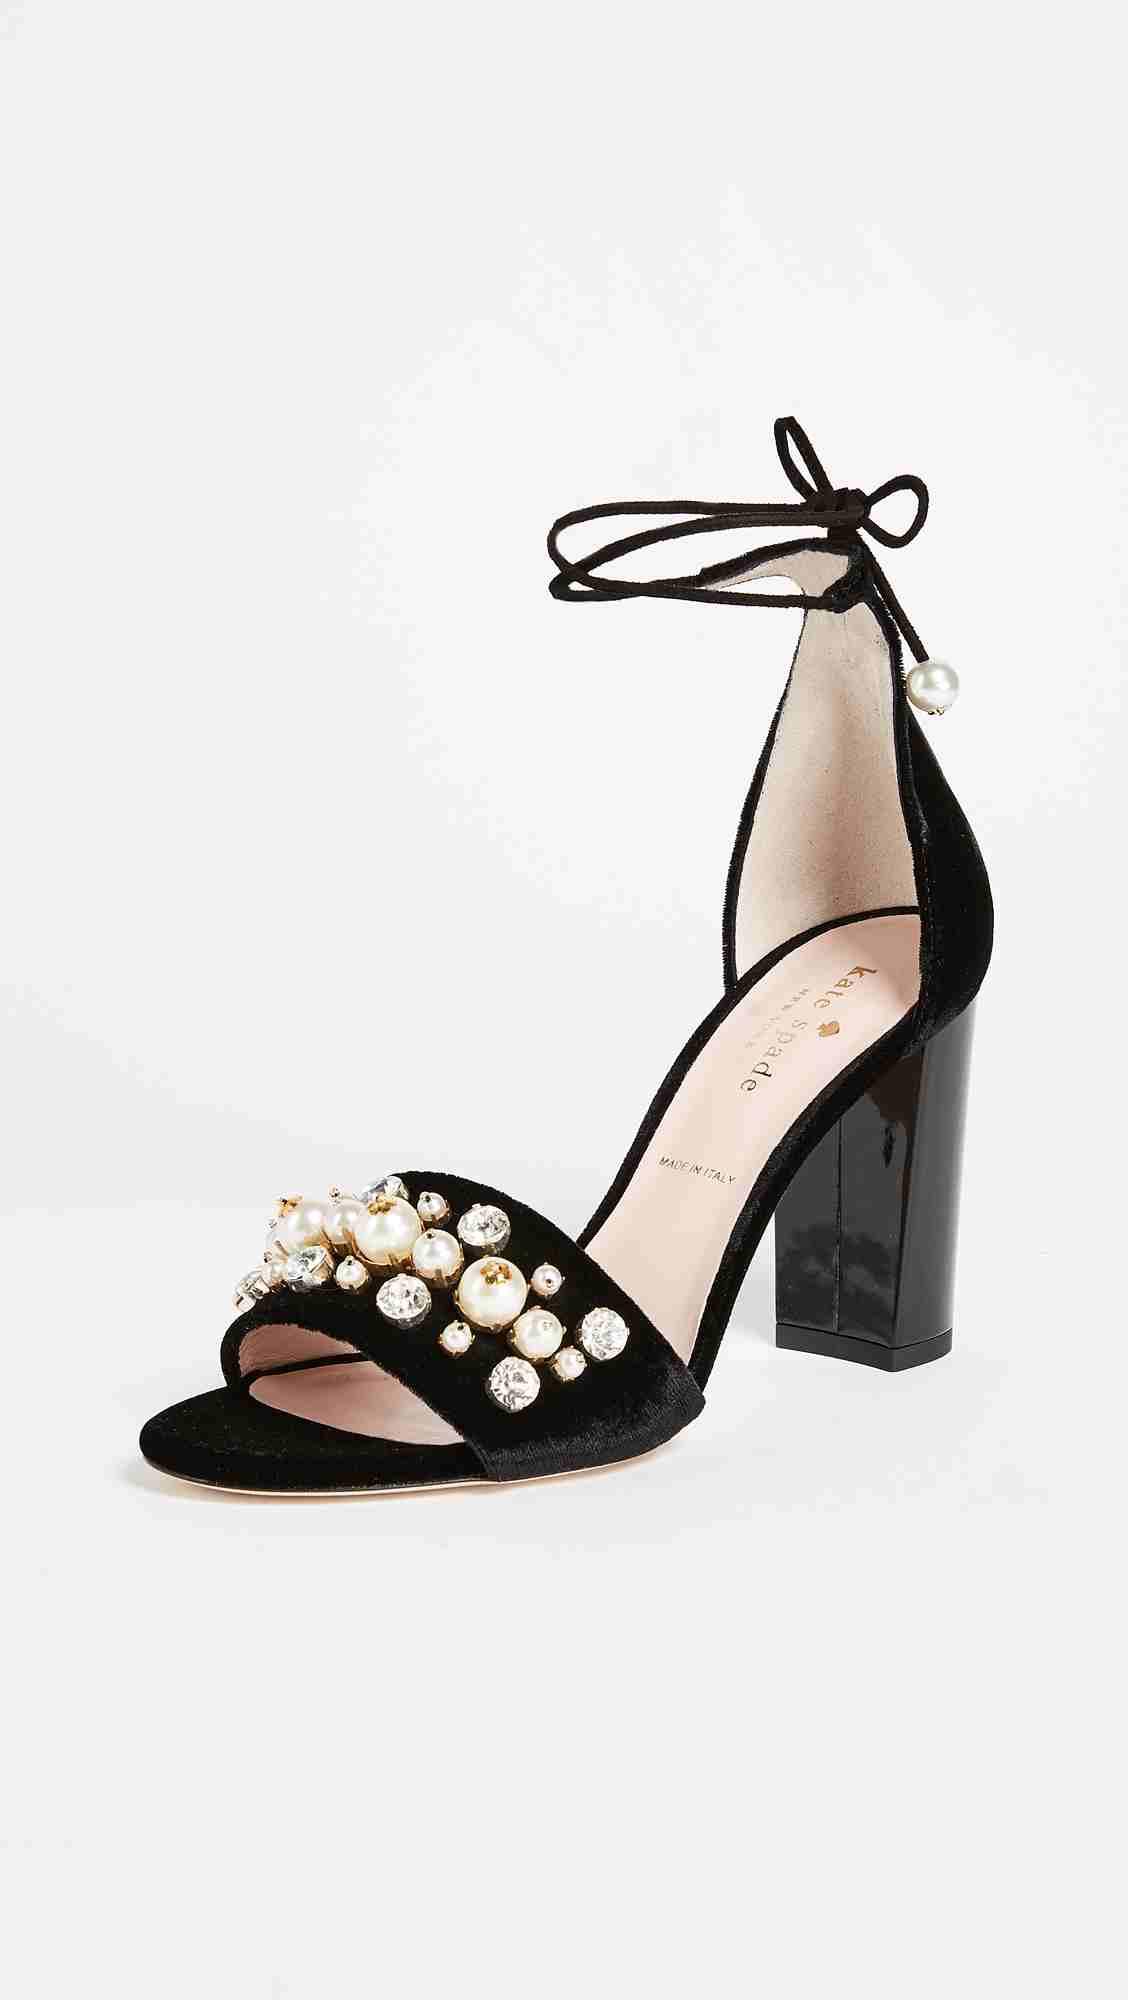 Kate Spade Iverna Bejeweled Pumps | Hermosaz